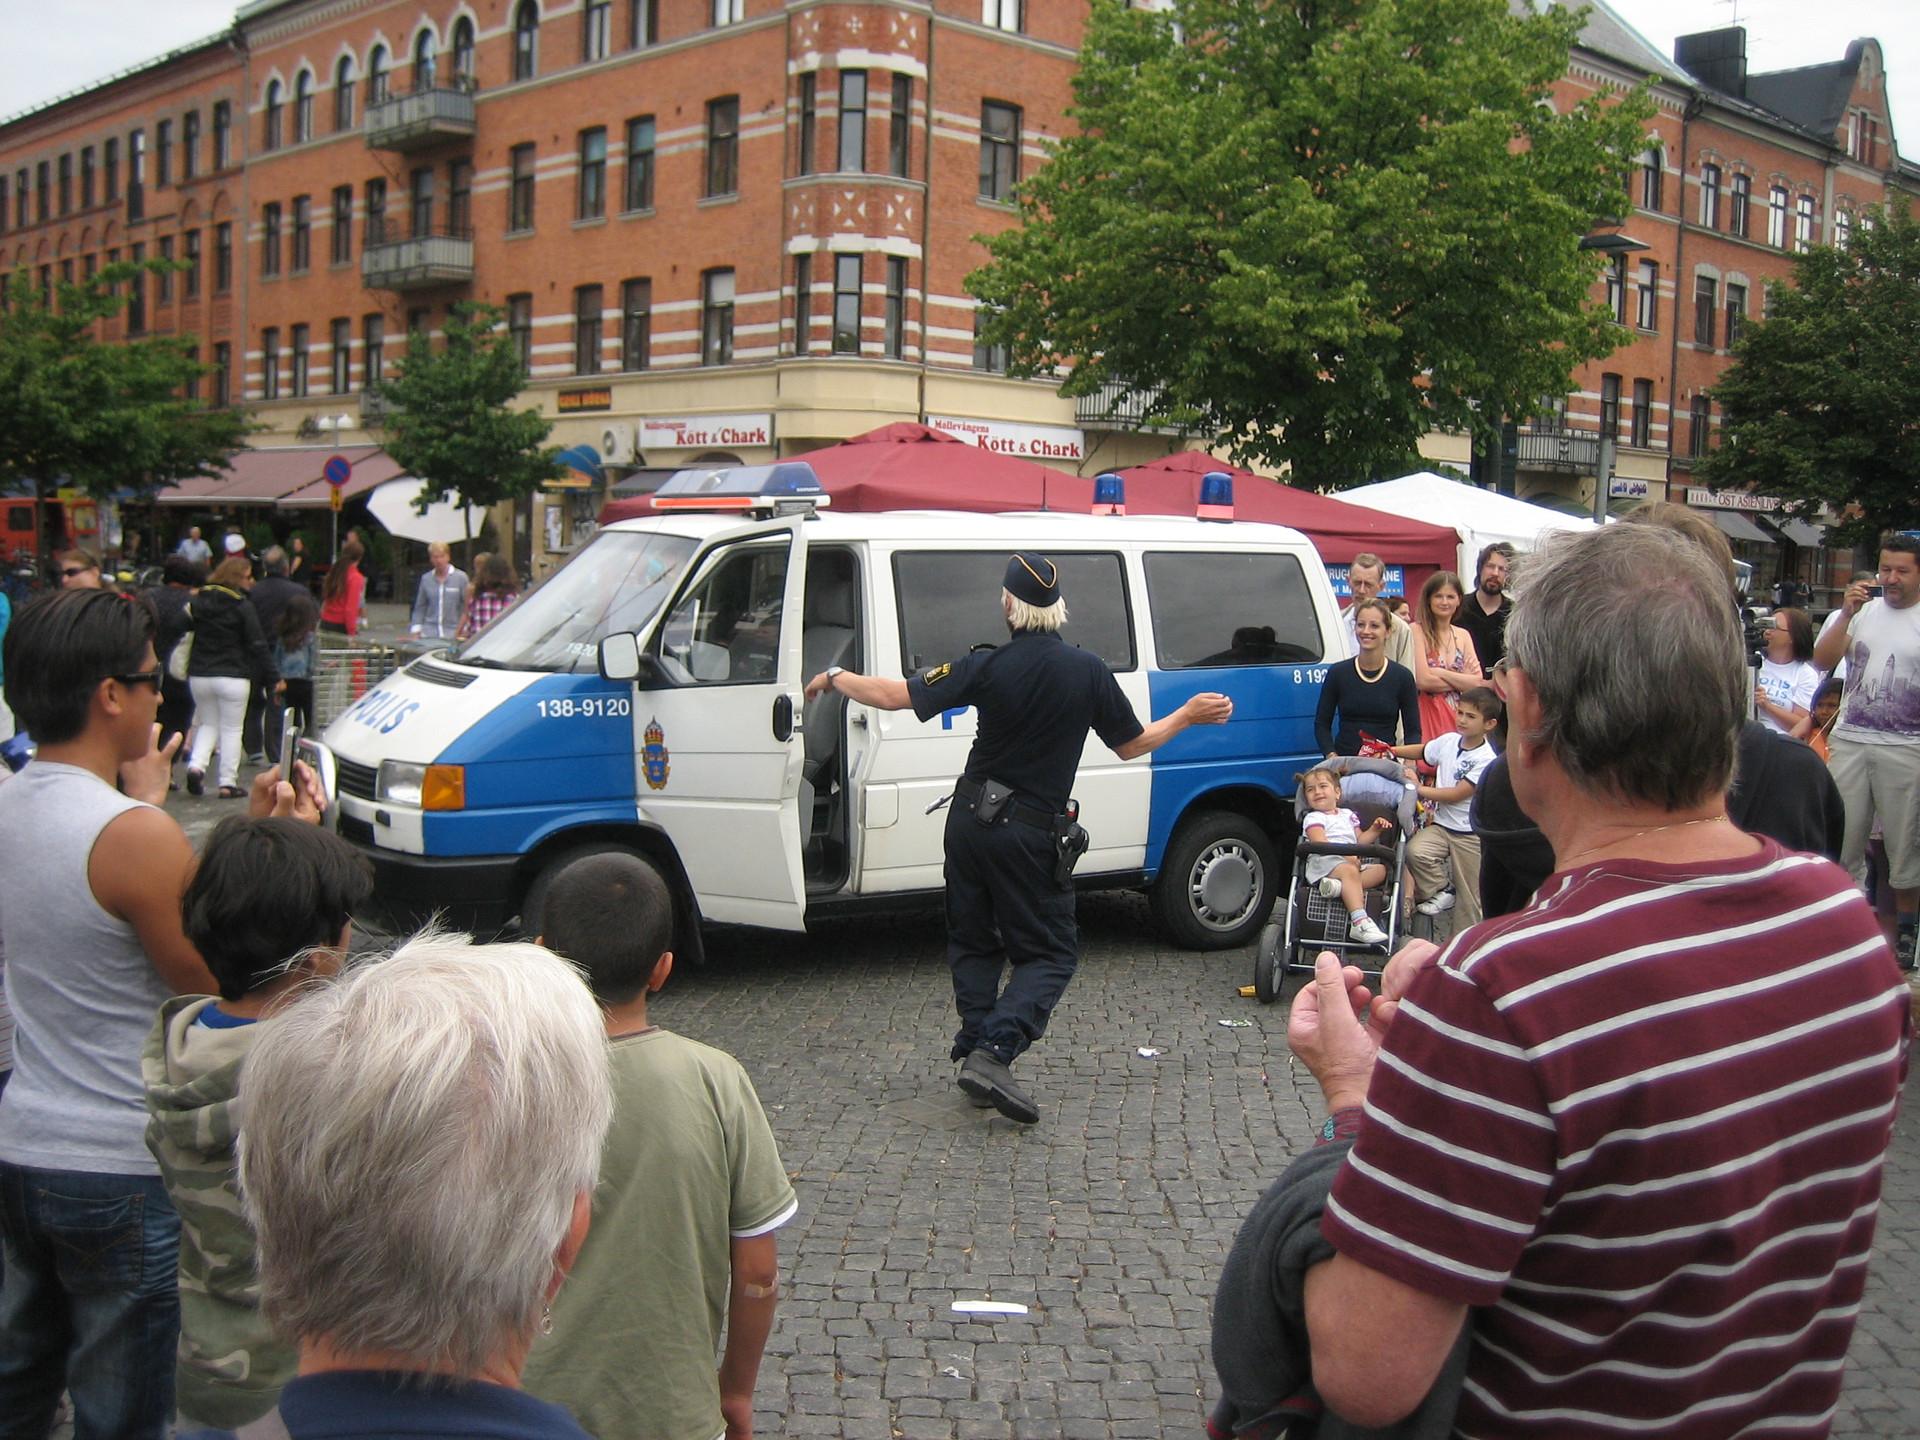 We Are Swedish Policemen, We Are Good, Polis, polis, potatismos, Malmö konsthall 2010